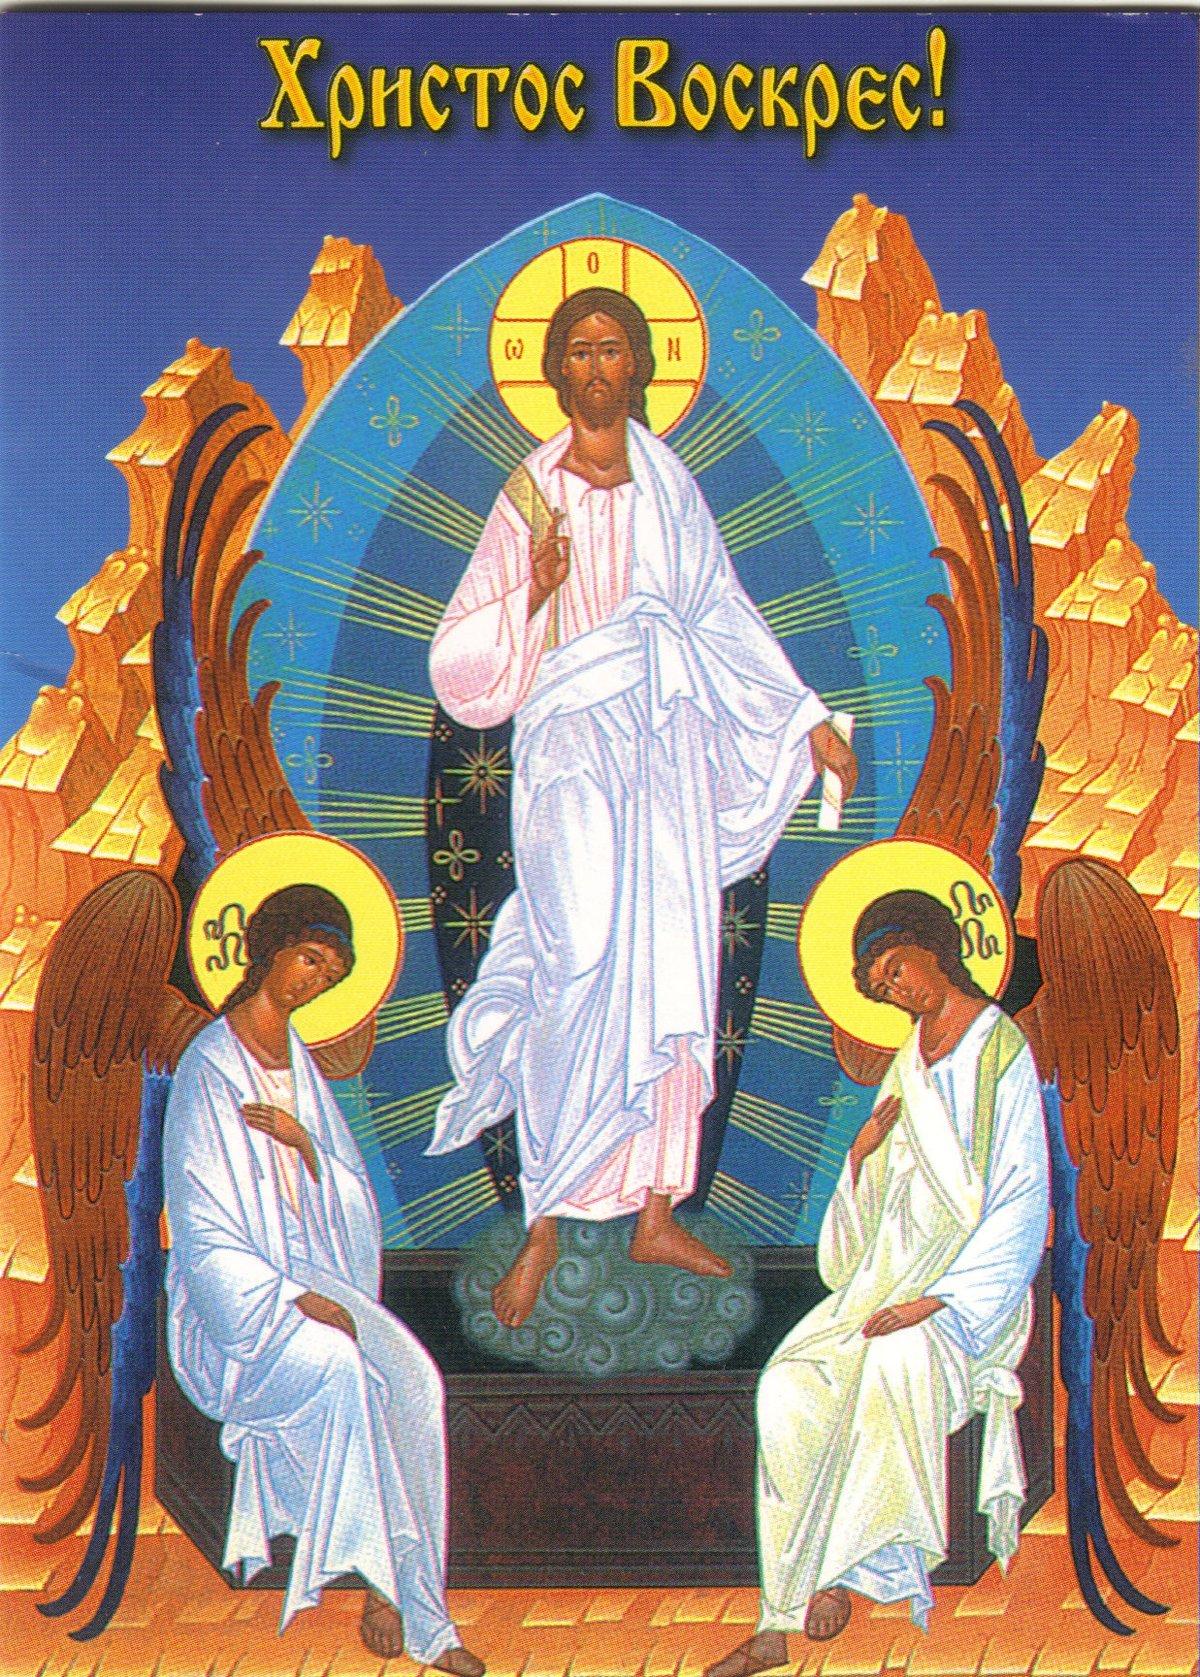 открытки по теме христос воскрес кого-то